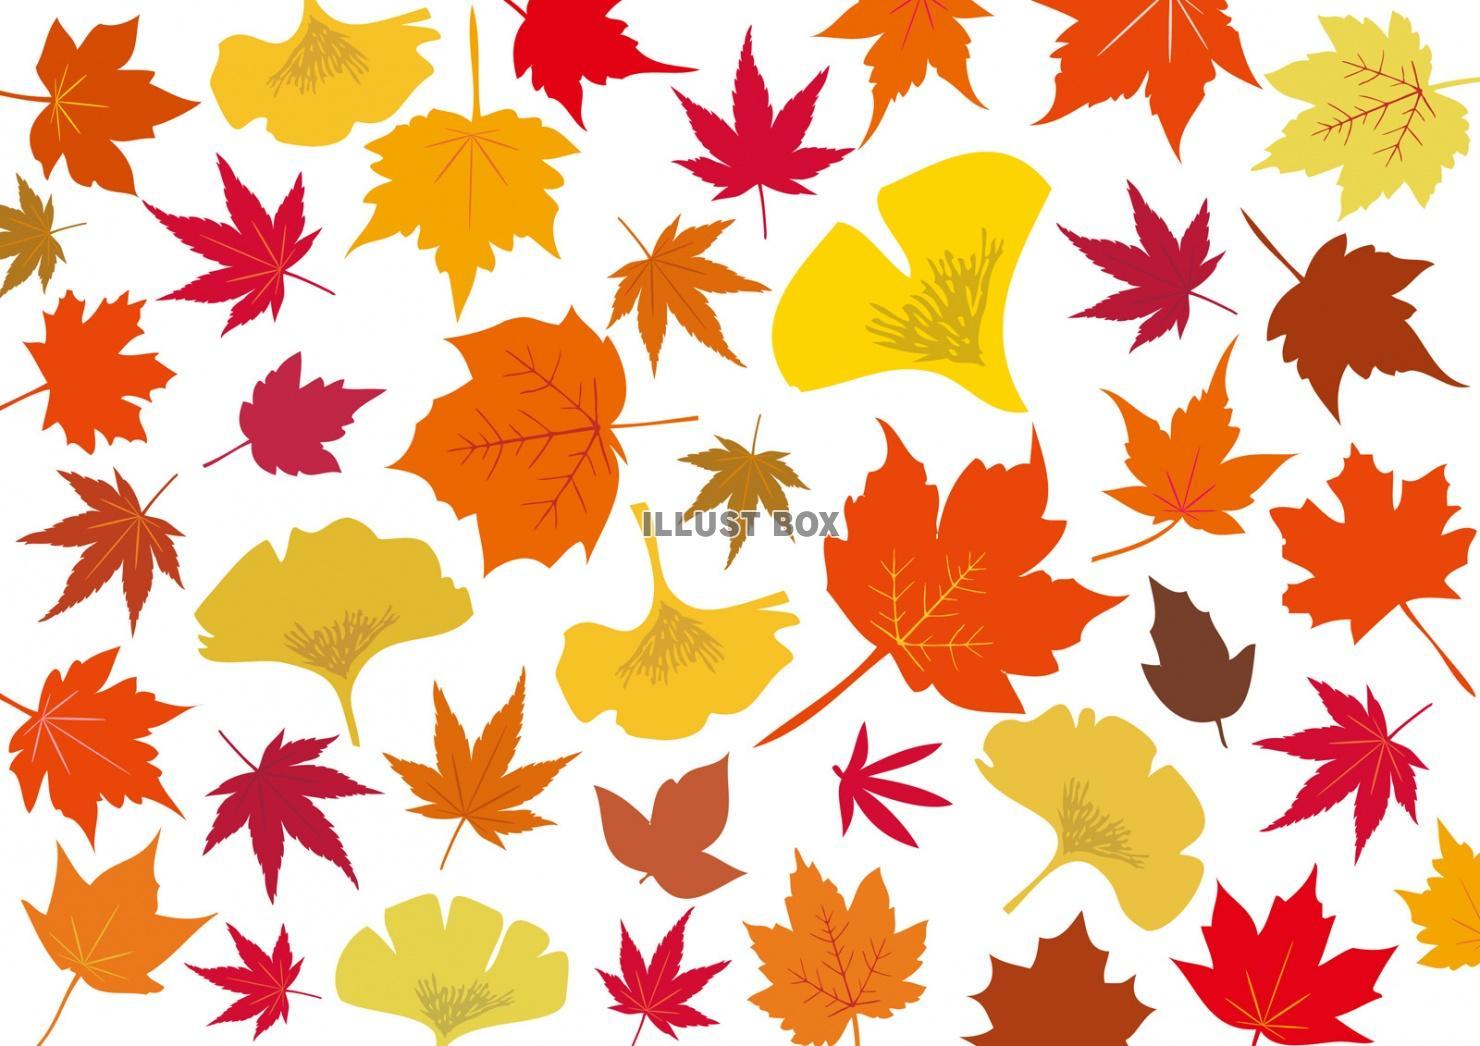 無料イラスト 秋冬紅葉もみじ銀杏10月モミジ11月イチョウ壁紙いちょう